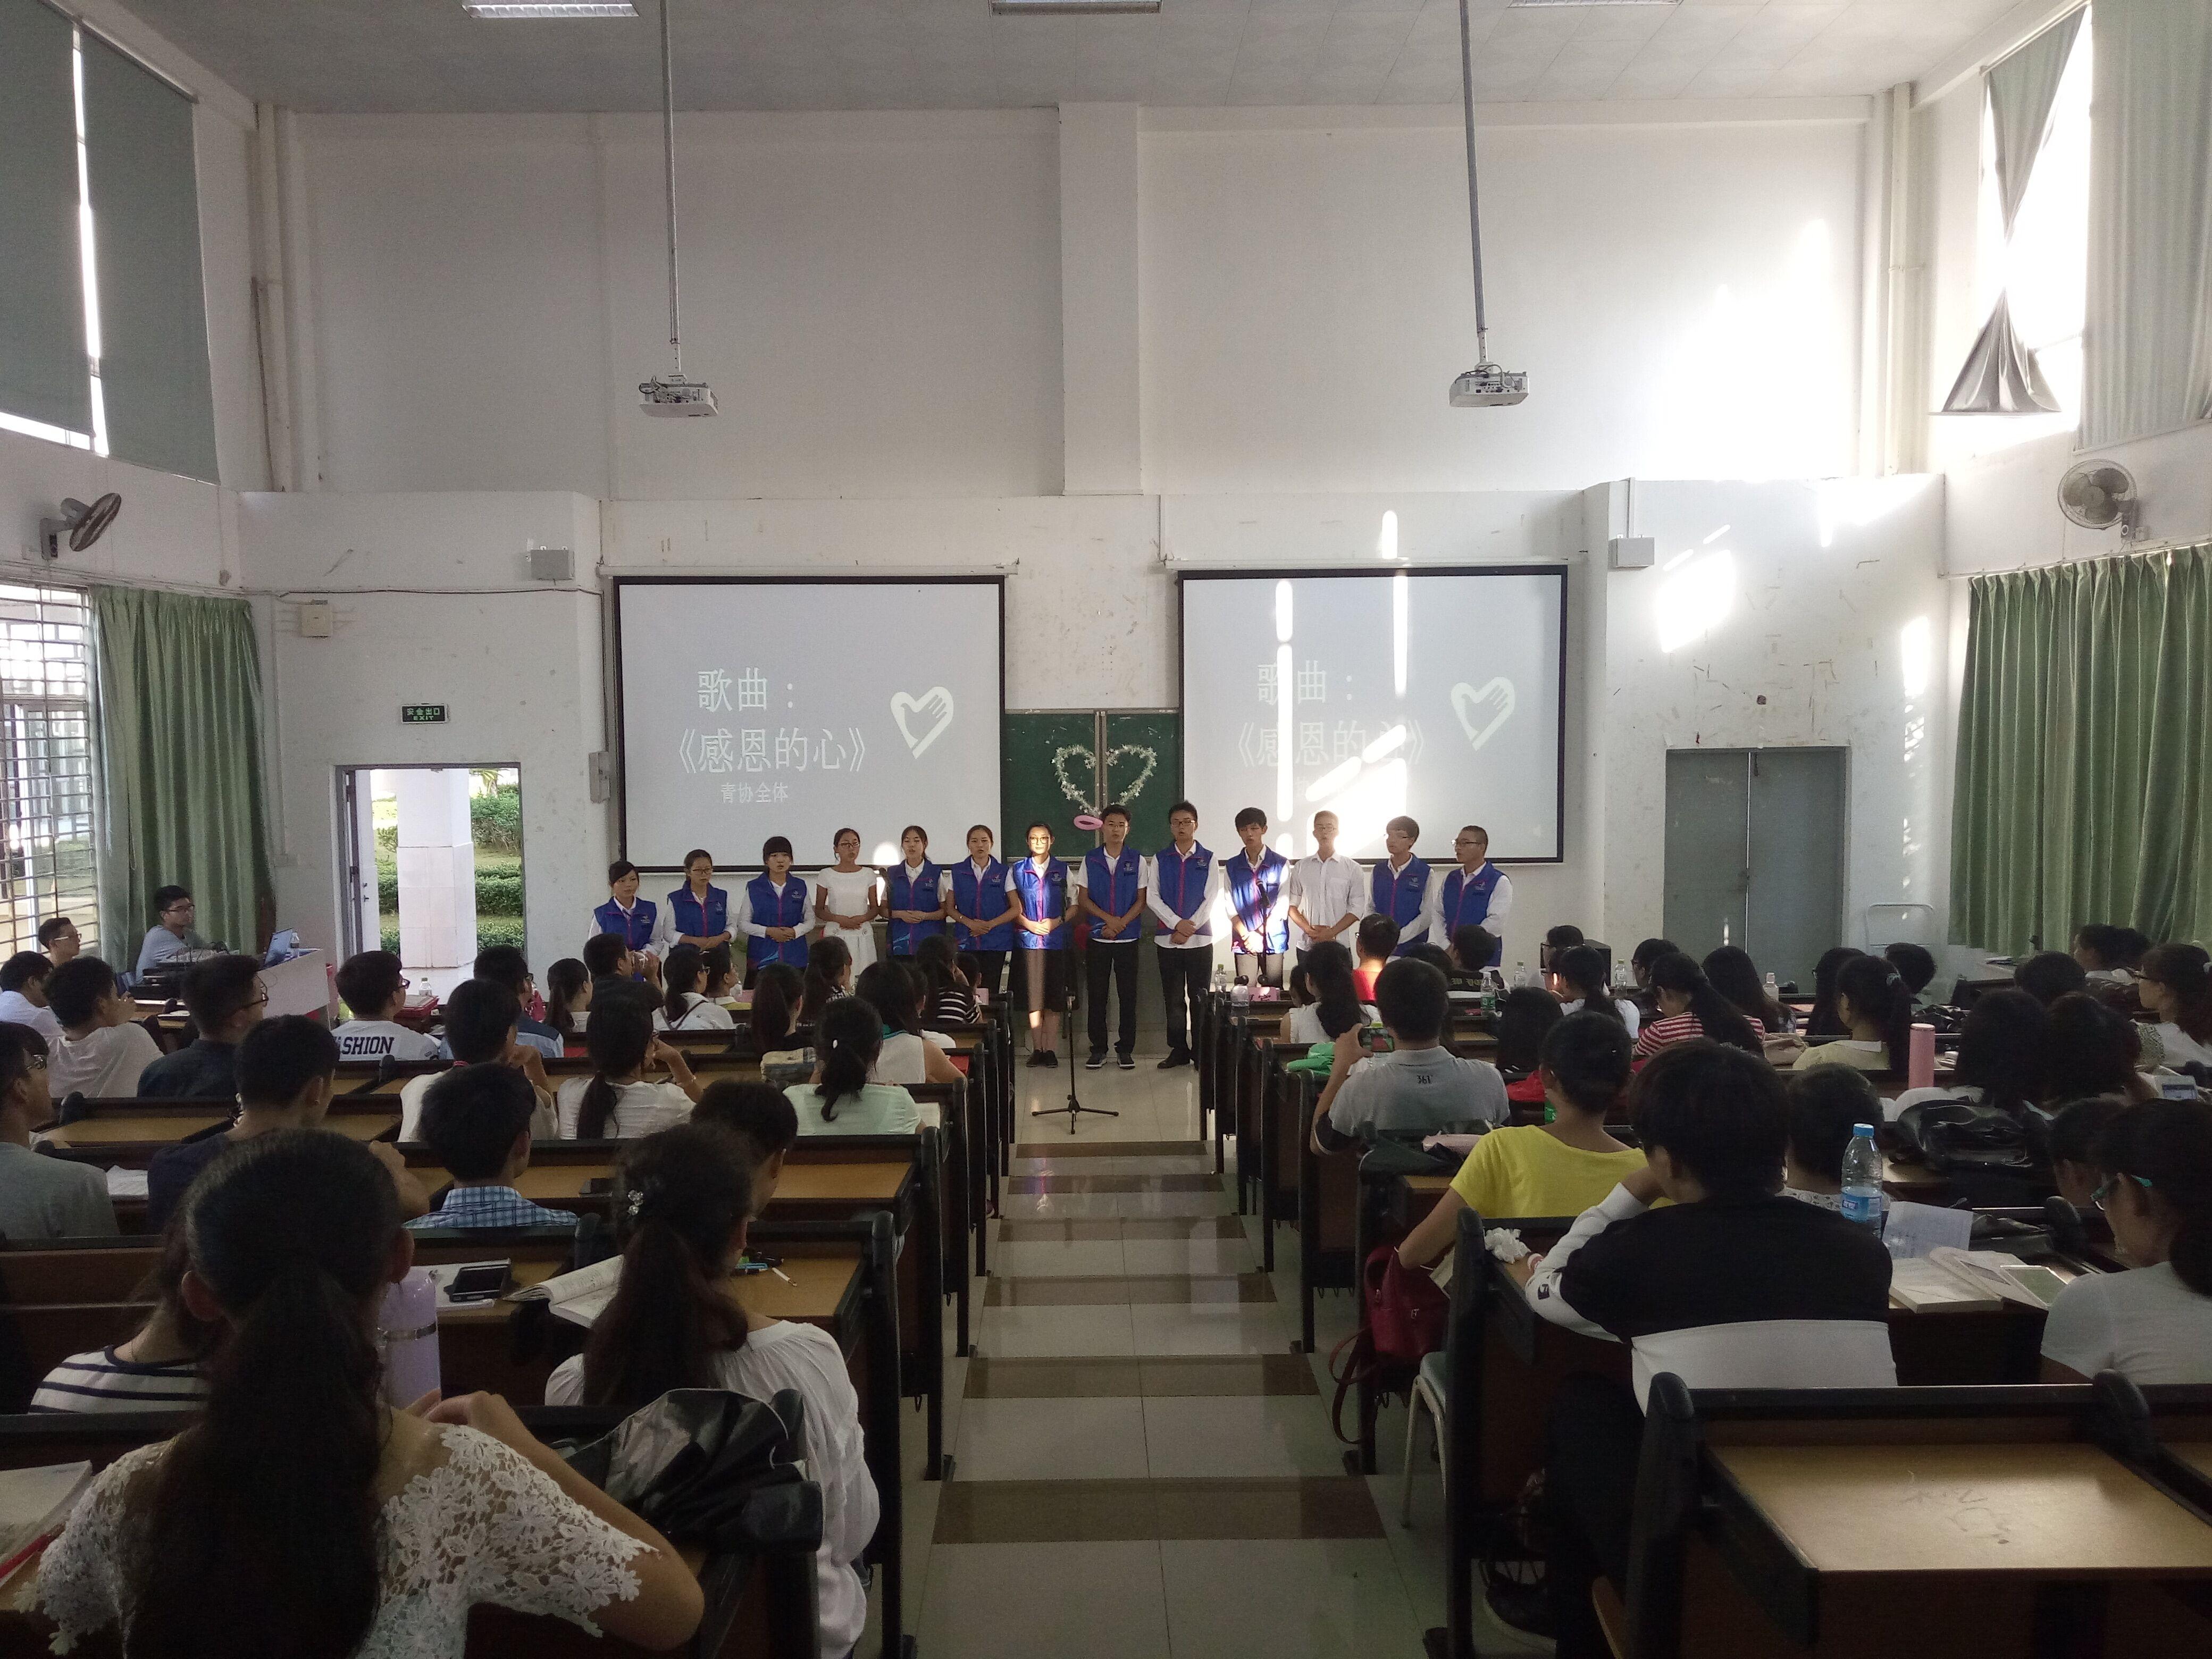 志愿者在行动——记文学院青年志愿者总结表彰与经验交流分享会